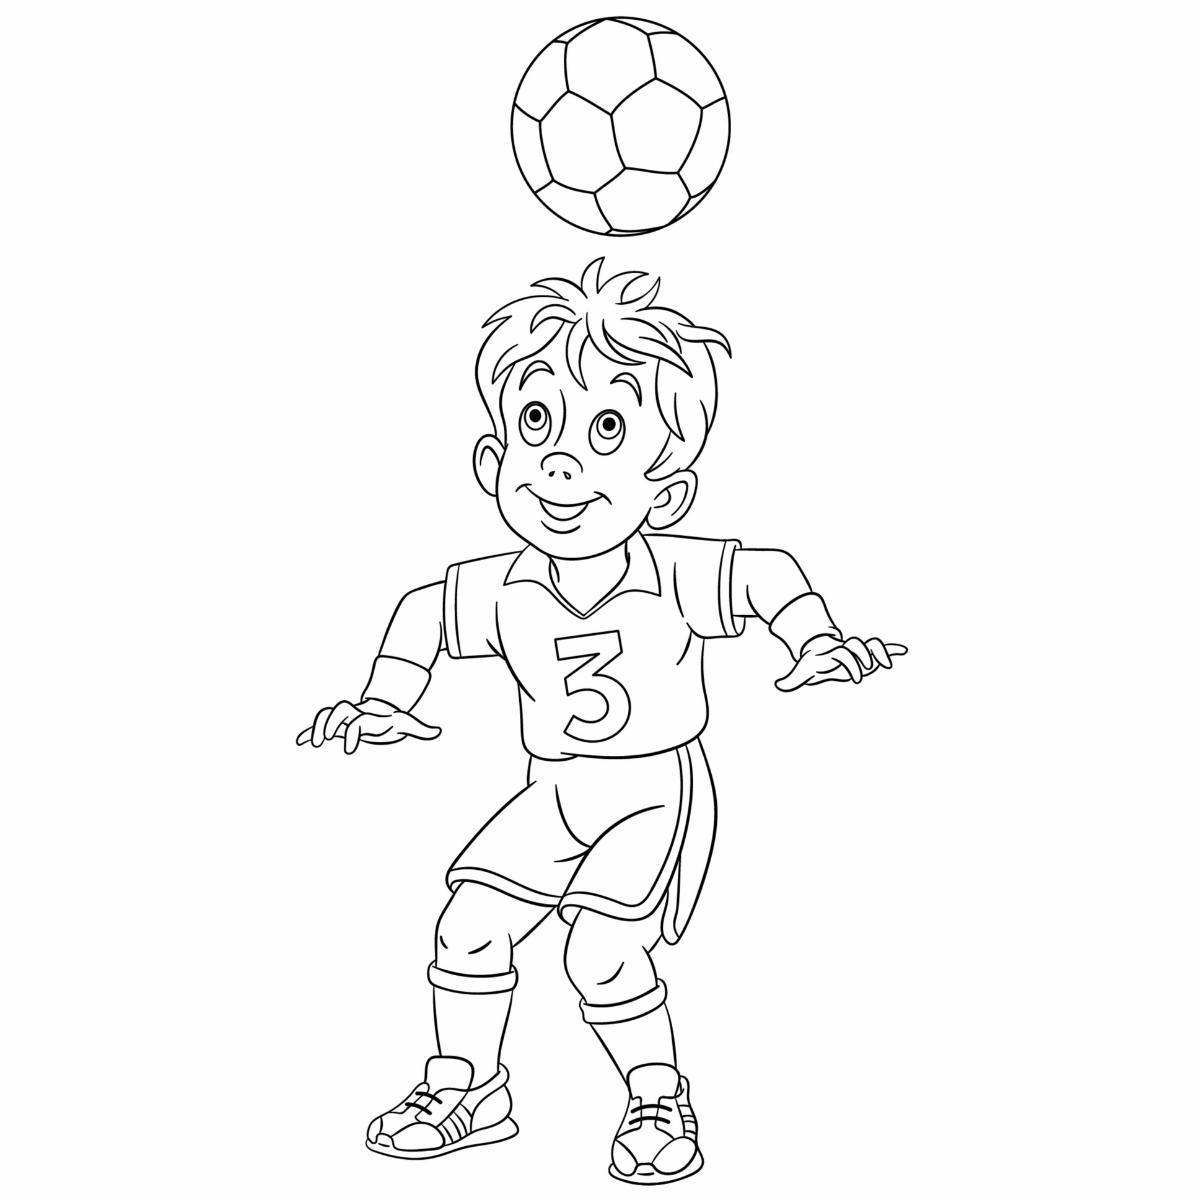 Kolorowanka piłkarz do druku